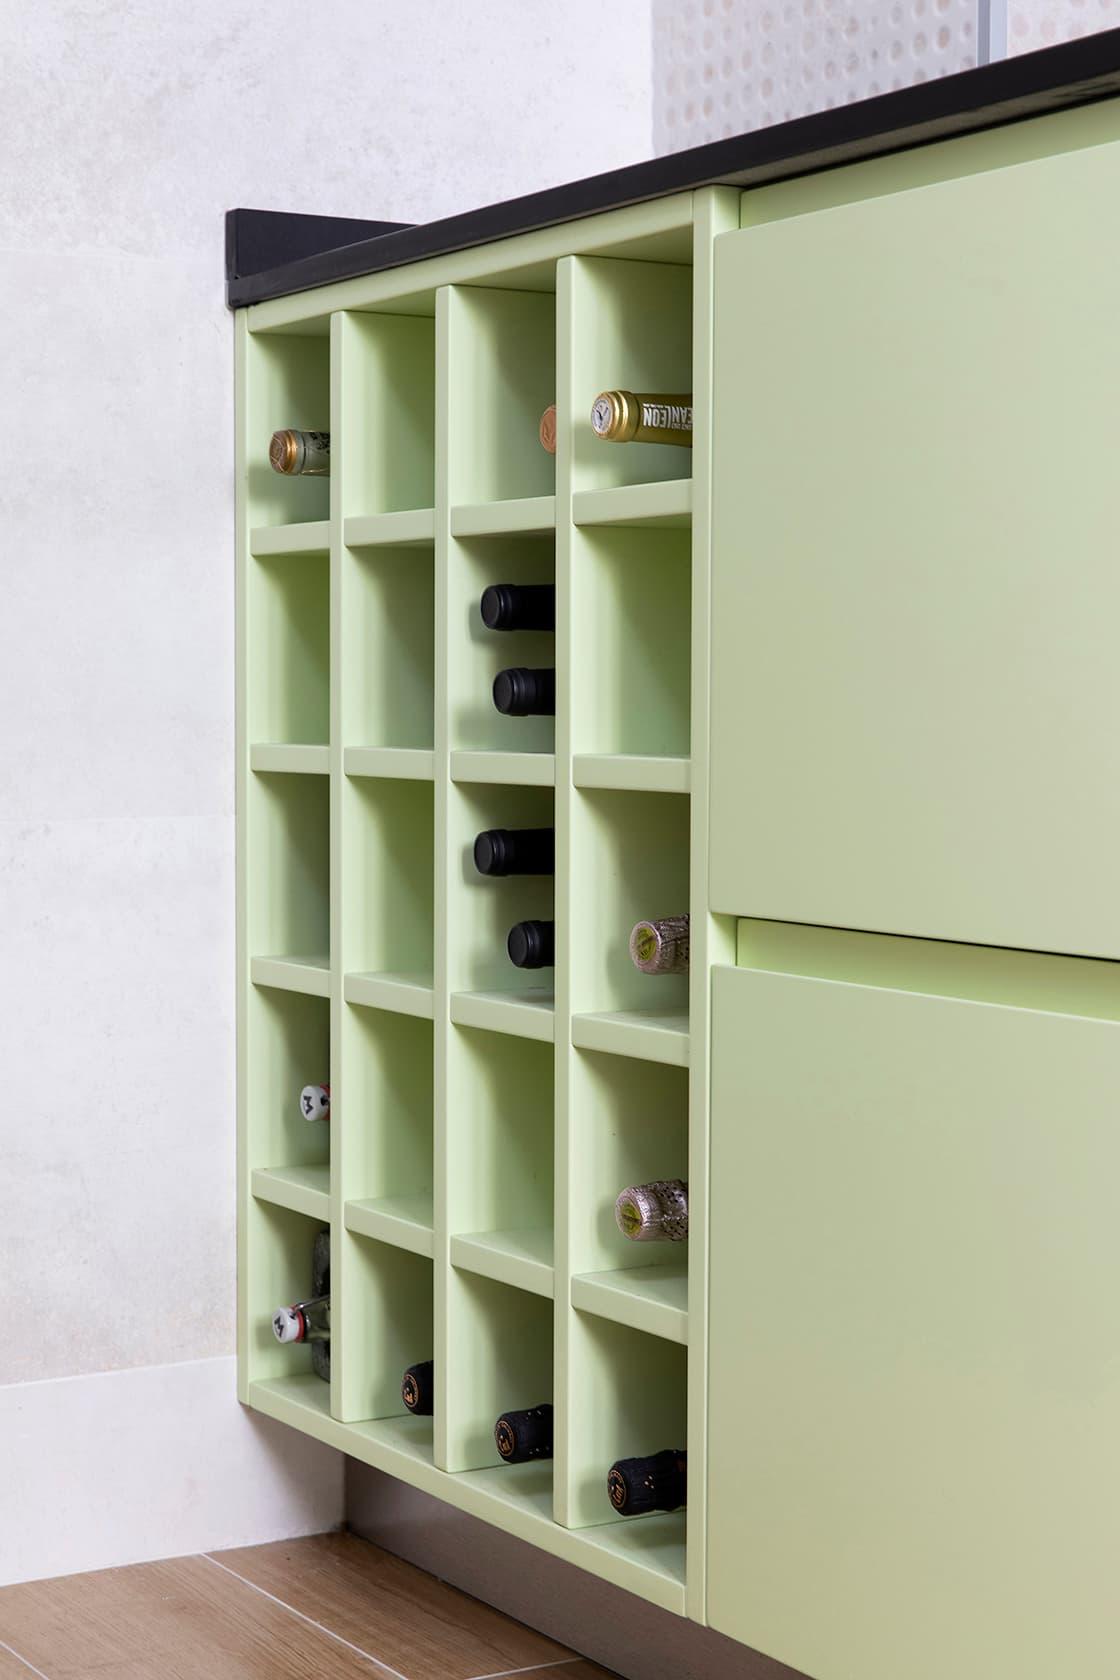 Espacio de almacenamiento verde